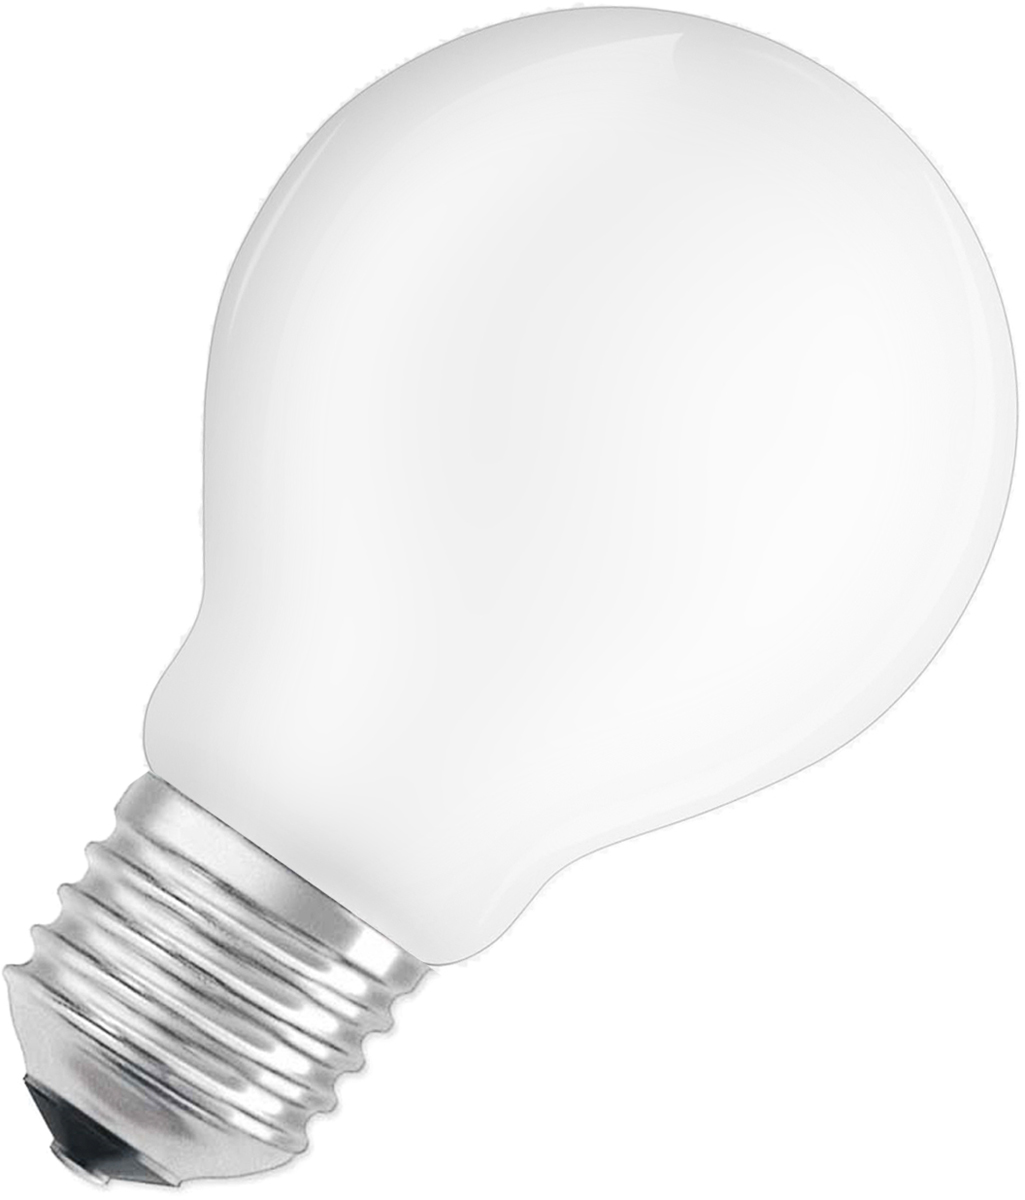 Лампа накаливания Osram Classic A FR 95W 230V E27 NCE 40580750278624058075027862Светодиодные энергосберегающие лампы потребляют на 70% меньше электроэнергии, что не только экономит деньги, но и снижает нагрузку на проводку. Свет, который излучают светодиодные светильники, не раздражает глаза и может быть разным по интенсивности и световой температуре. Они легко монтируются в стены и потолки, в том числе и в натяжные. Разнообразный дизайн позволяет подобрать светодиодные лампы для любого пространства.